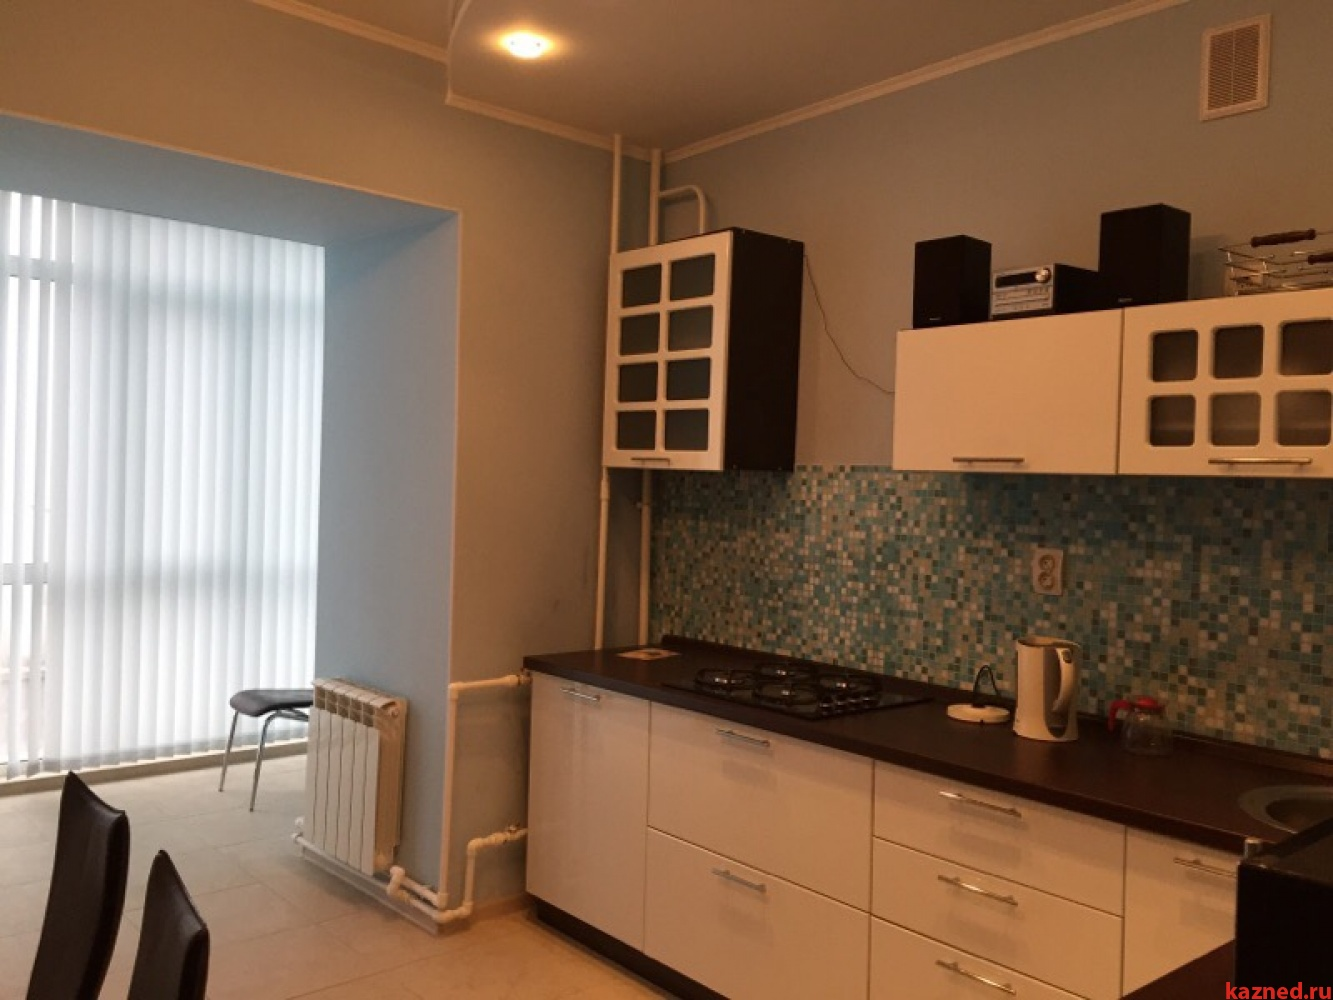 Продажа 1-к квартиры кариева дом 5, 45 м²  (миниатюра №16)